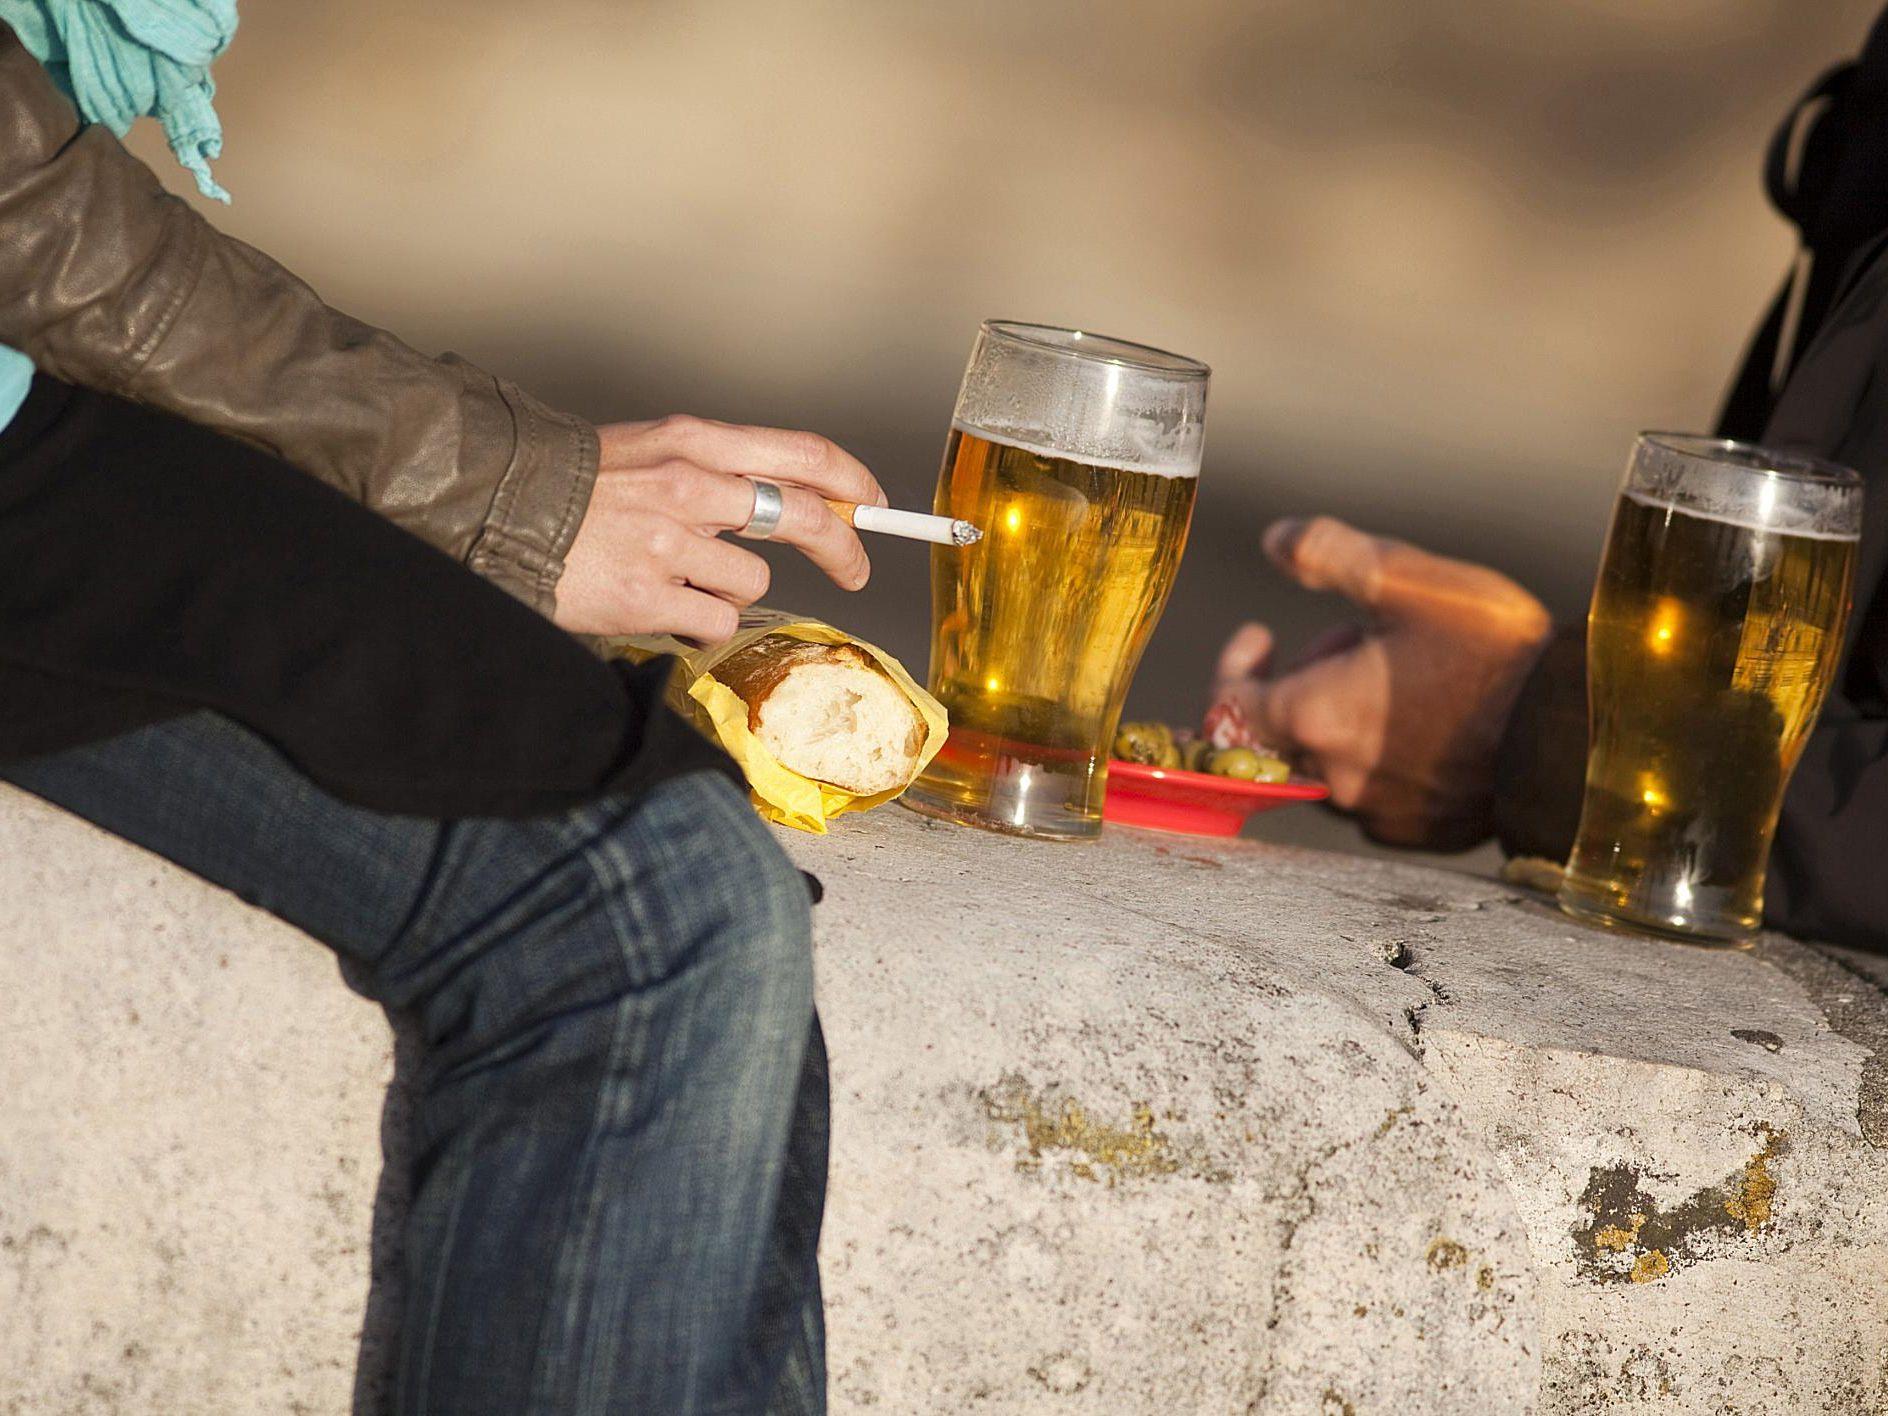 síntomas de alcohol e impotencia